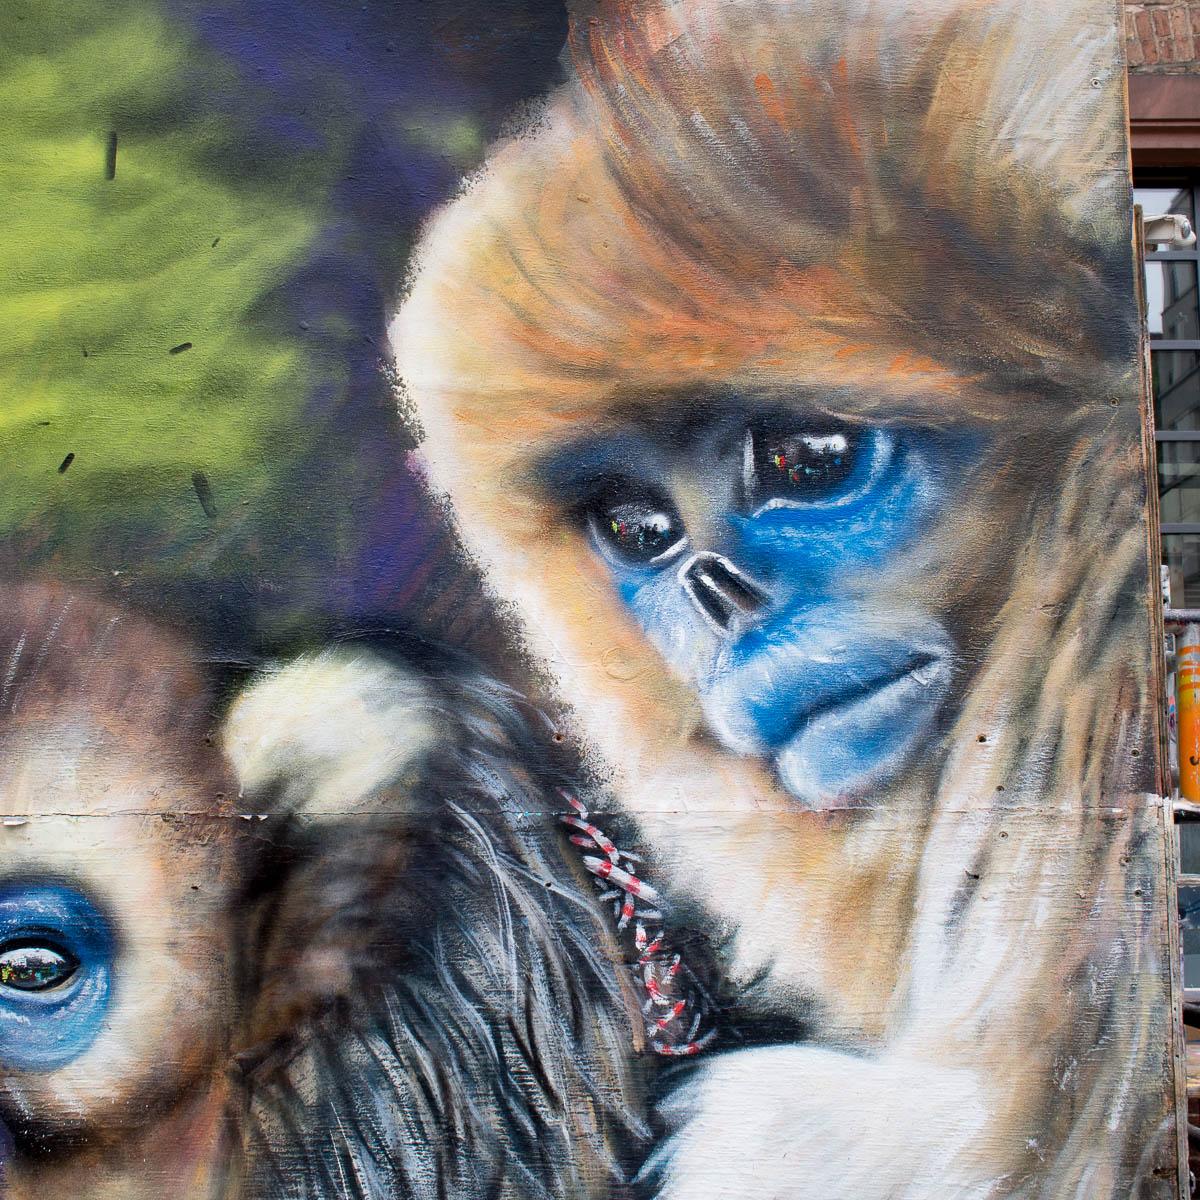 Graffiti Naxoshalle